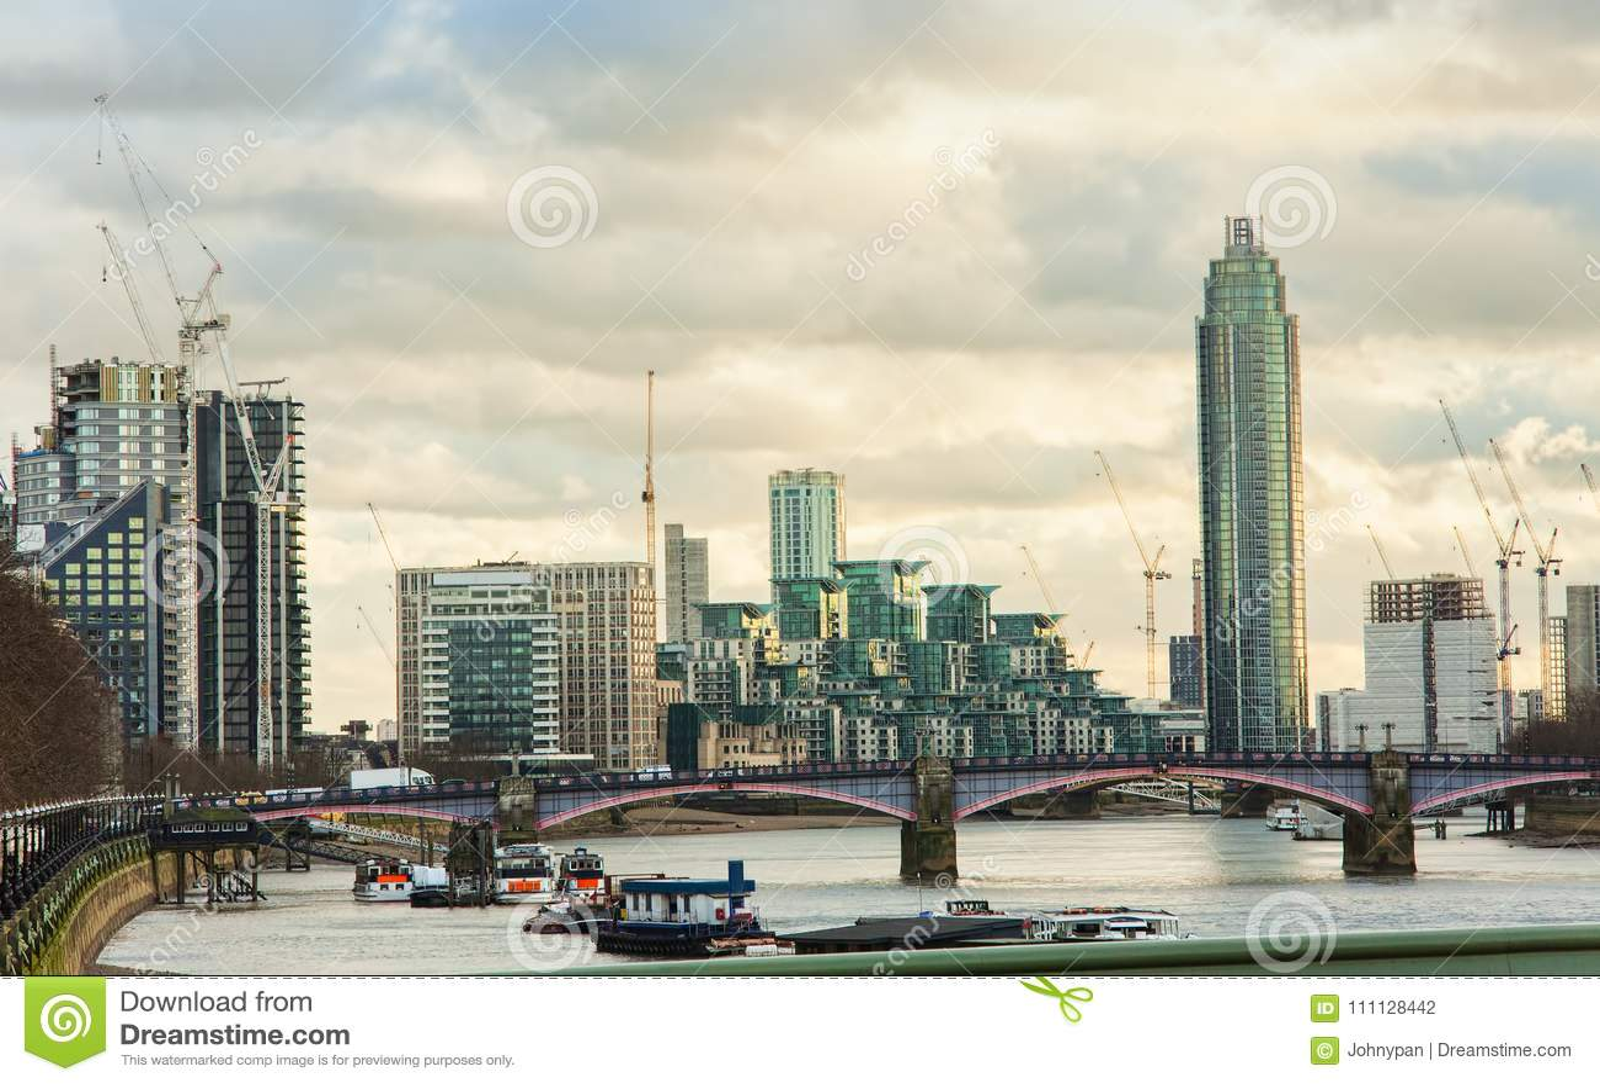 London-Stadtskyline mit der Themse